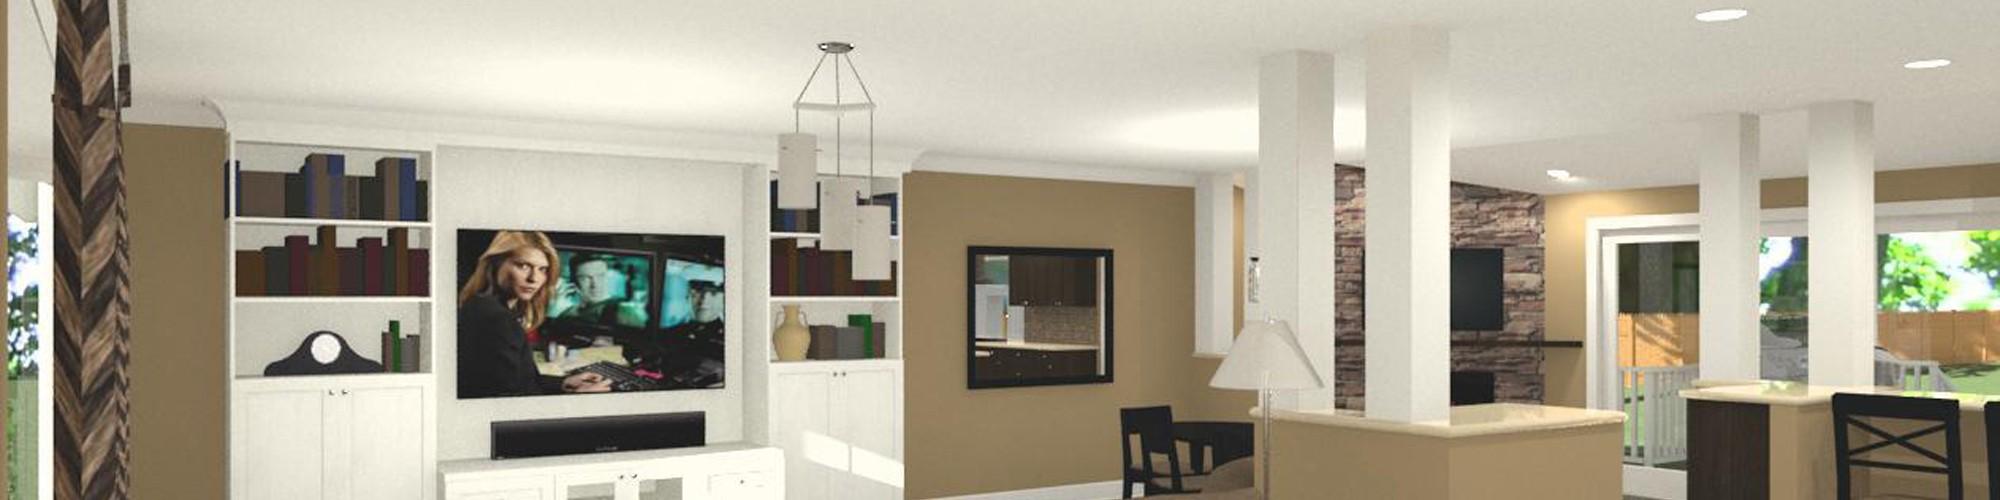 Design Build Pros – interior design (8)